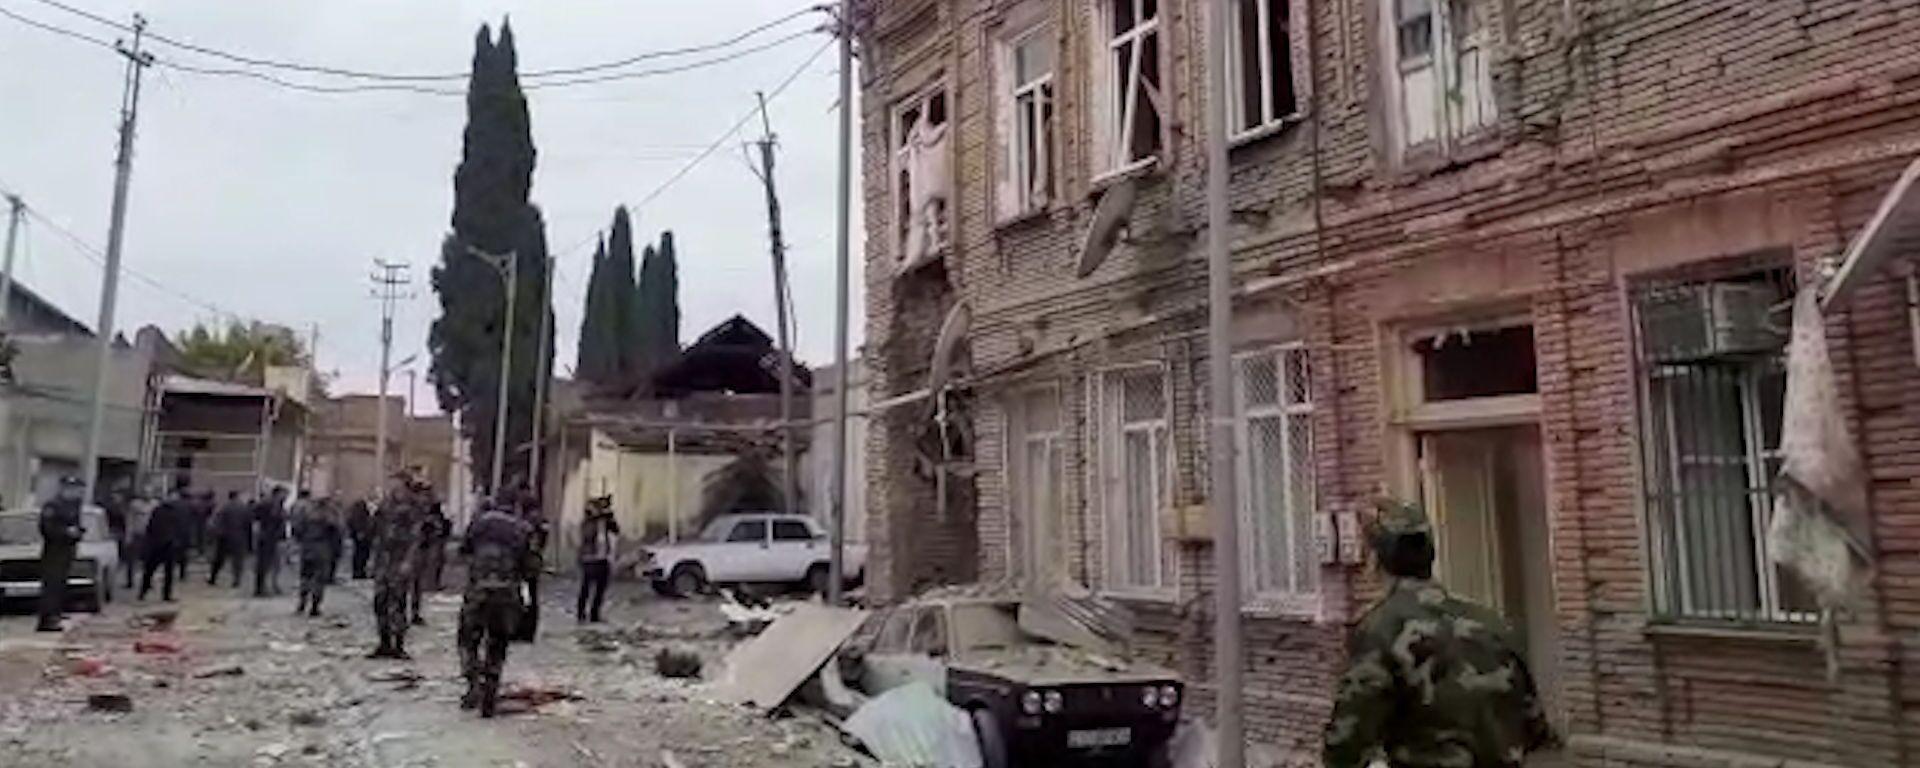 Gəncə dağıntı içində: İkinci böyük şəhərimiz raket zərbələrinə məruz qalıb – video  - Sputnik Azərbaycan, 1920, 04.10.2020